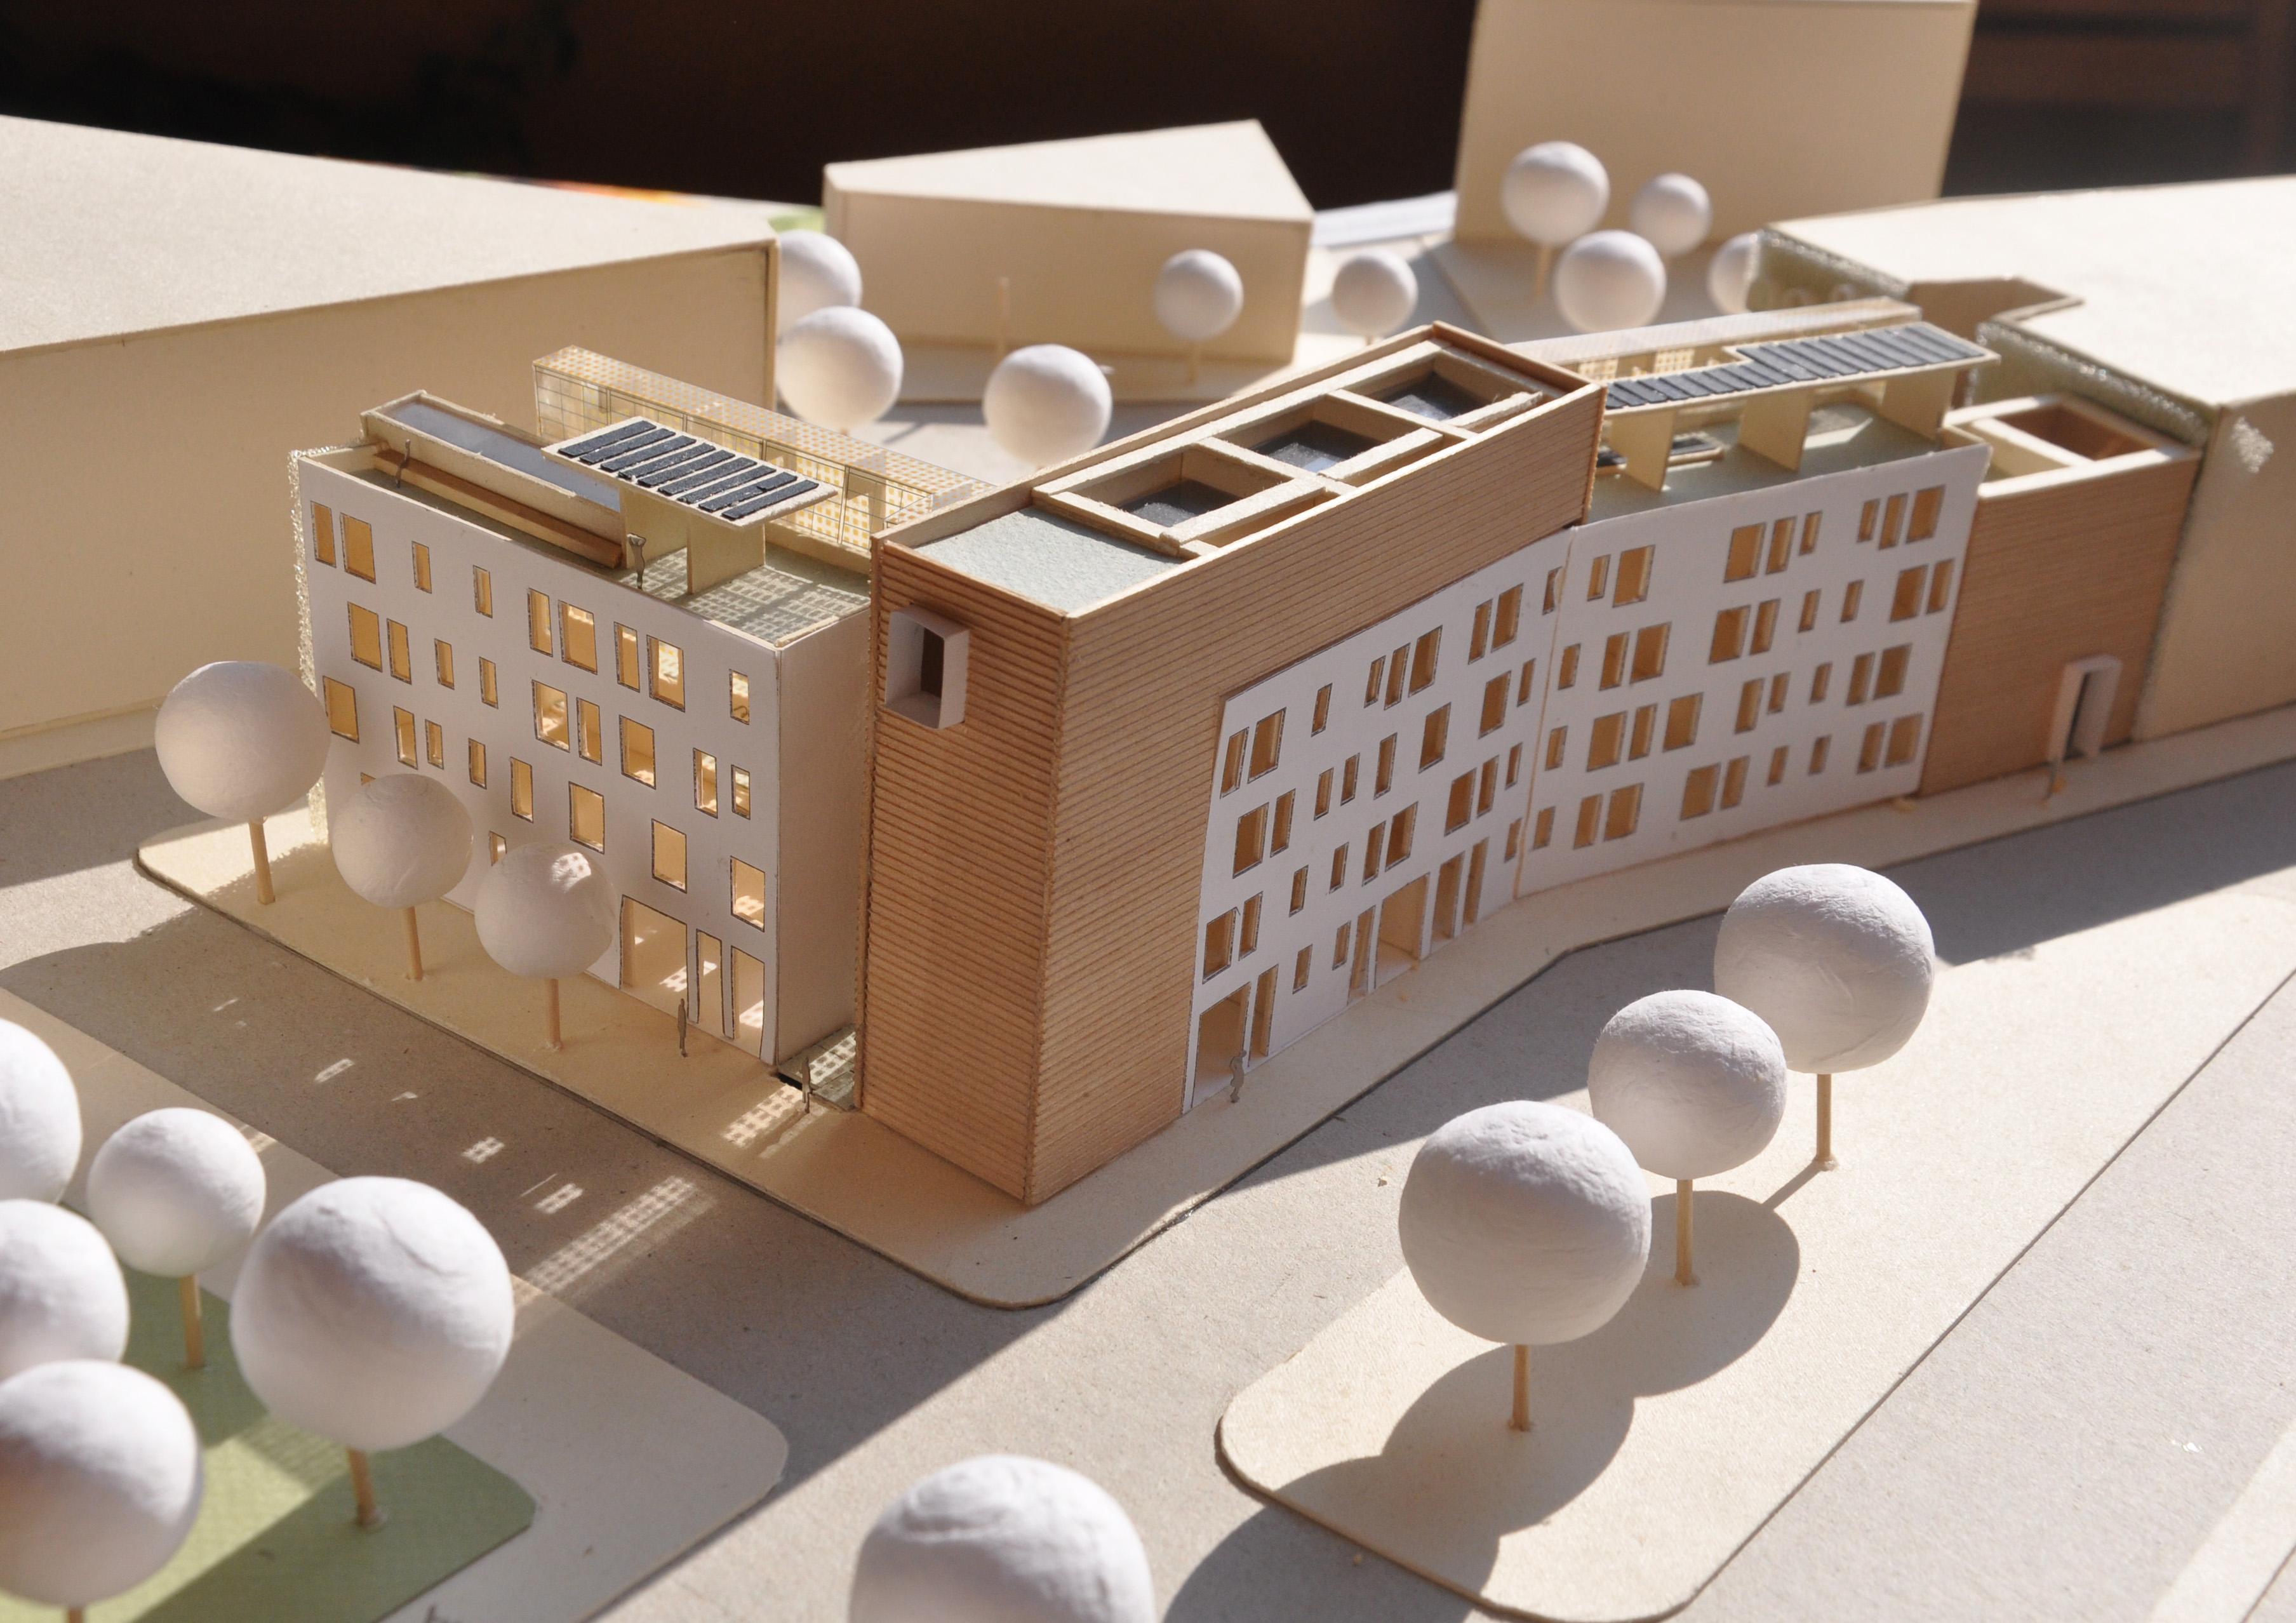 Maquette d'immeuble résidentiel bioclimatique (crédits: Matteo Garone / Flickr Creative Commons Attribution-NonCommercial 2.0 Generic (CC BY-NC 2.0))